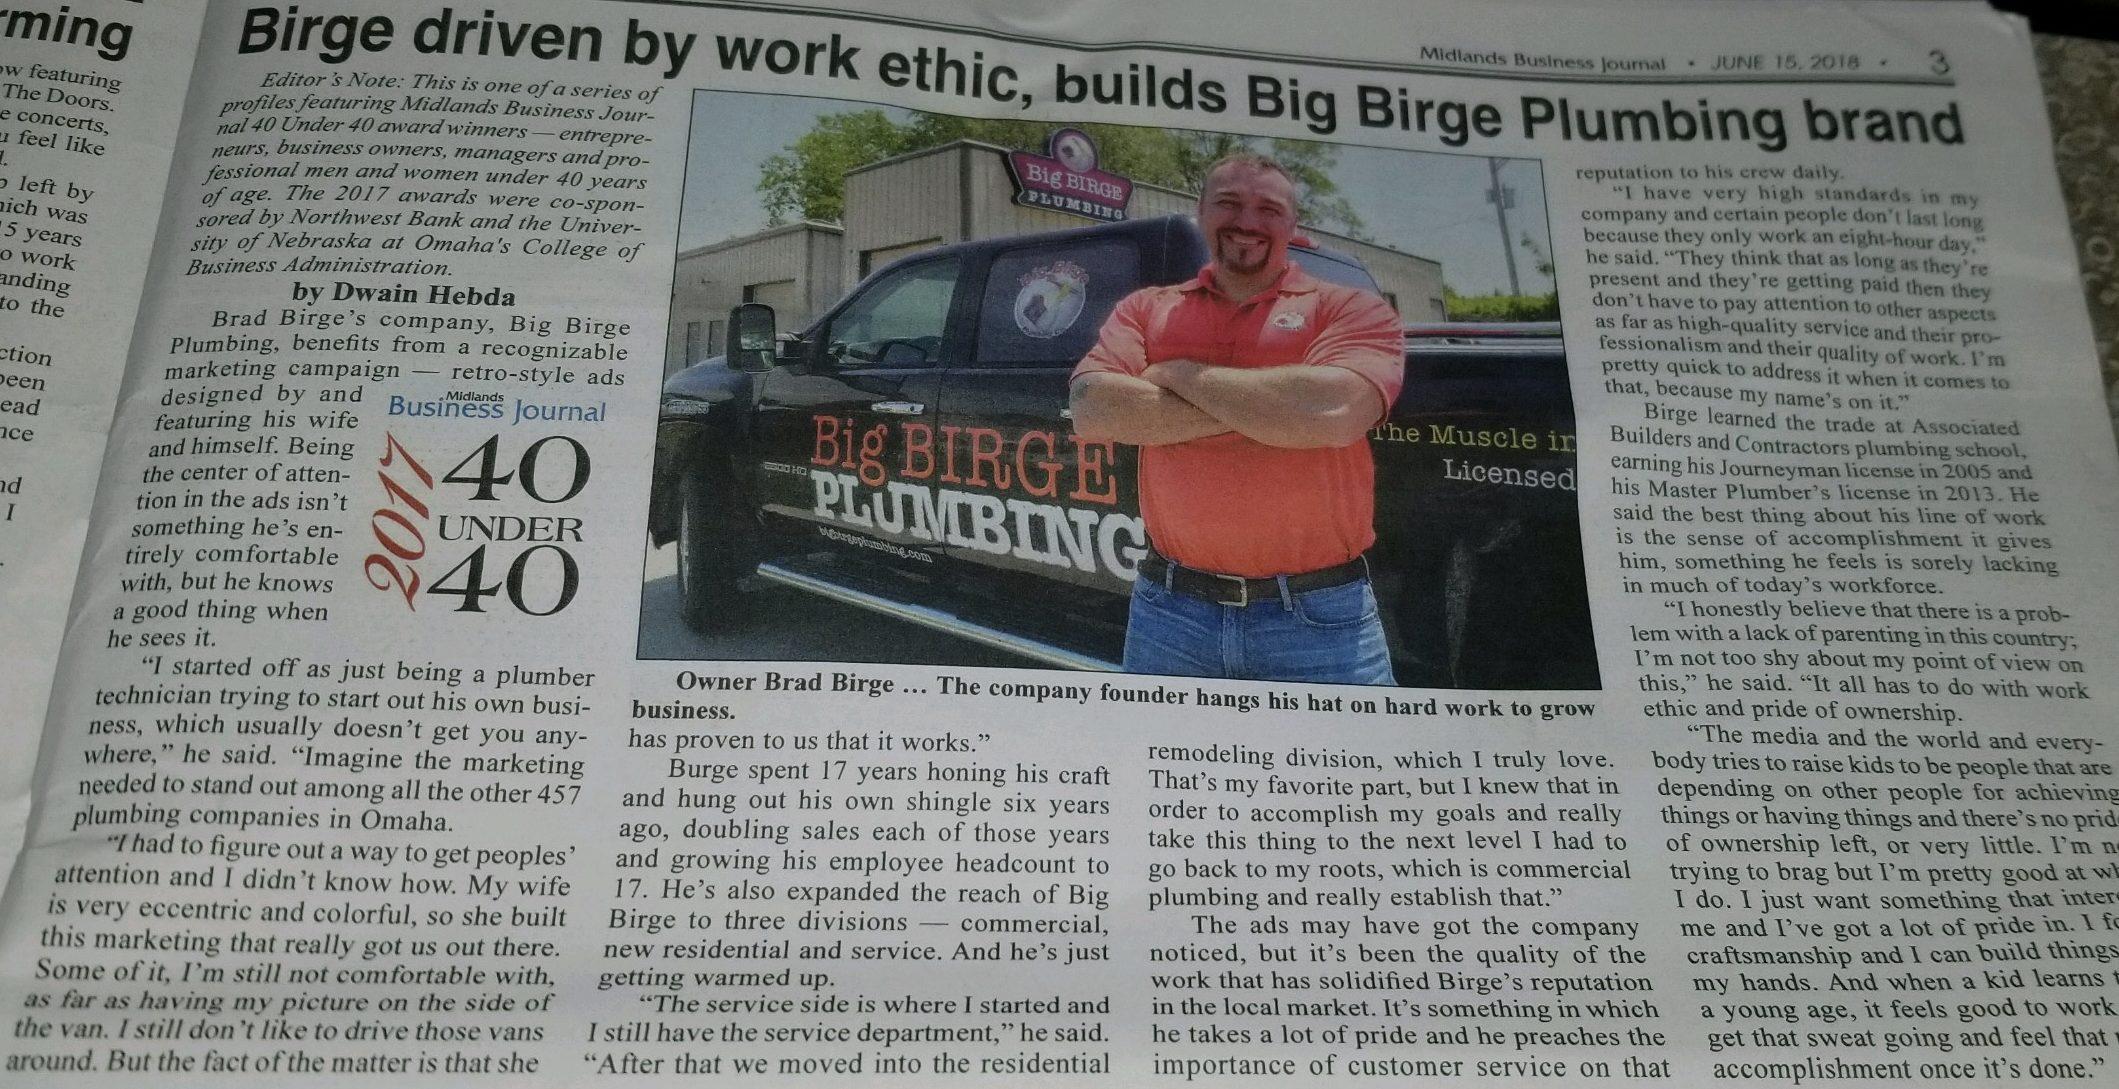 Big Birge Plumbing in Midlands Business Journal